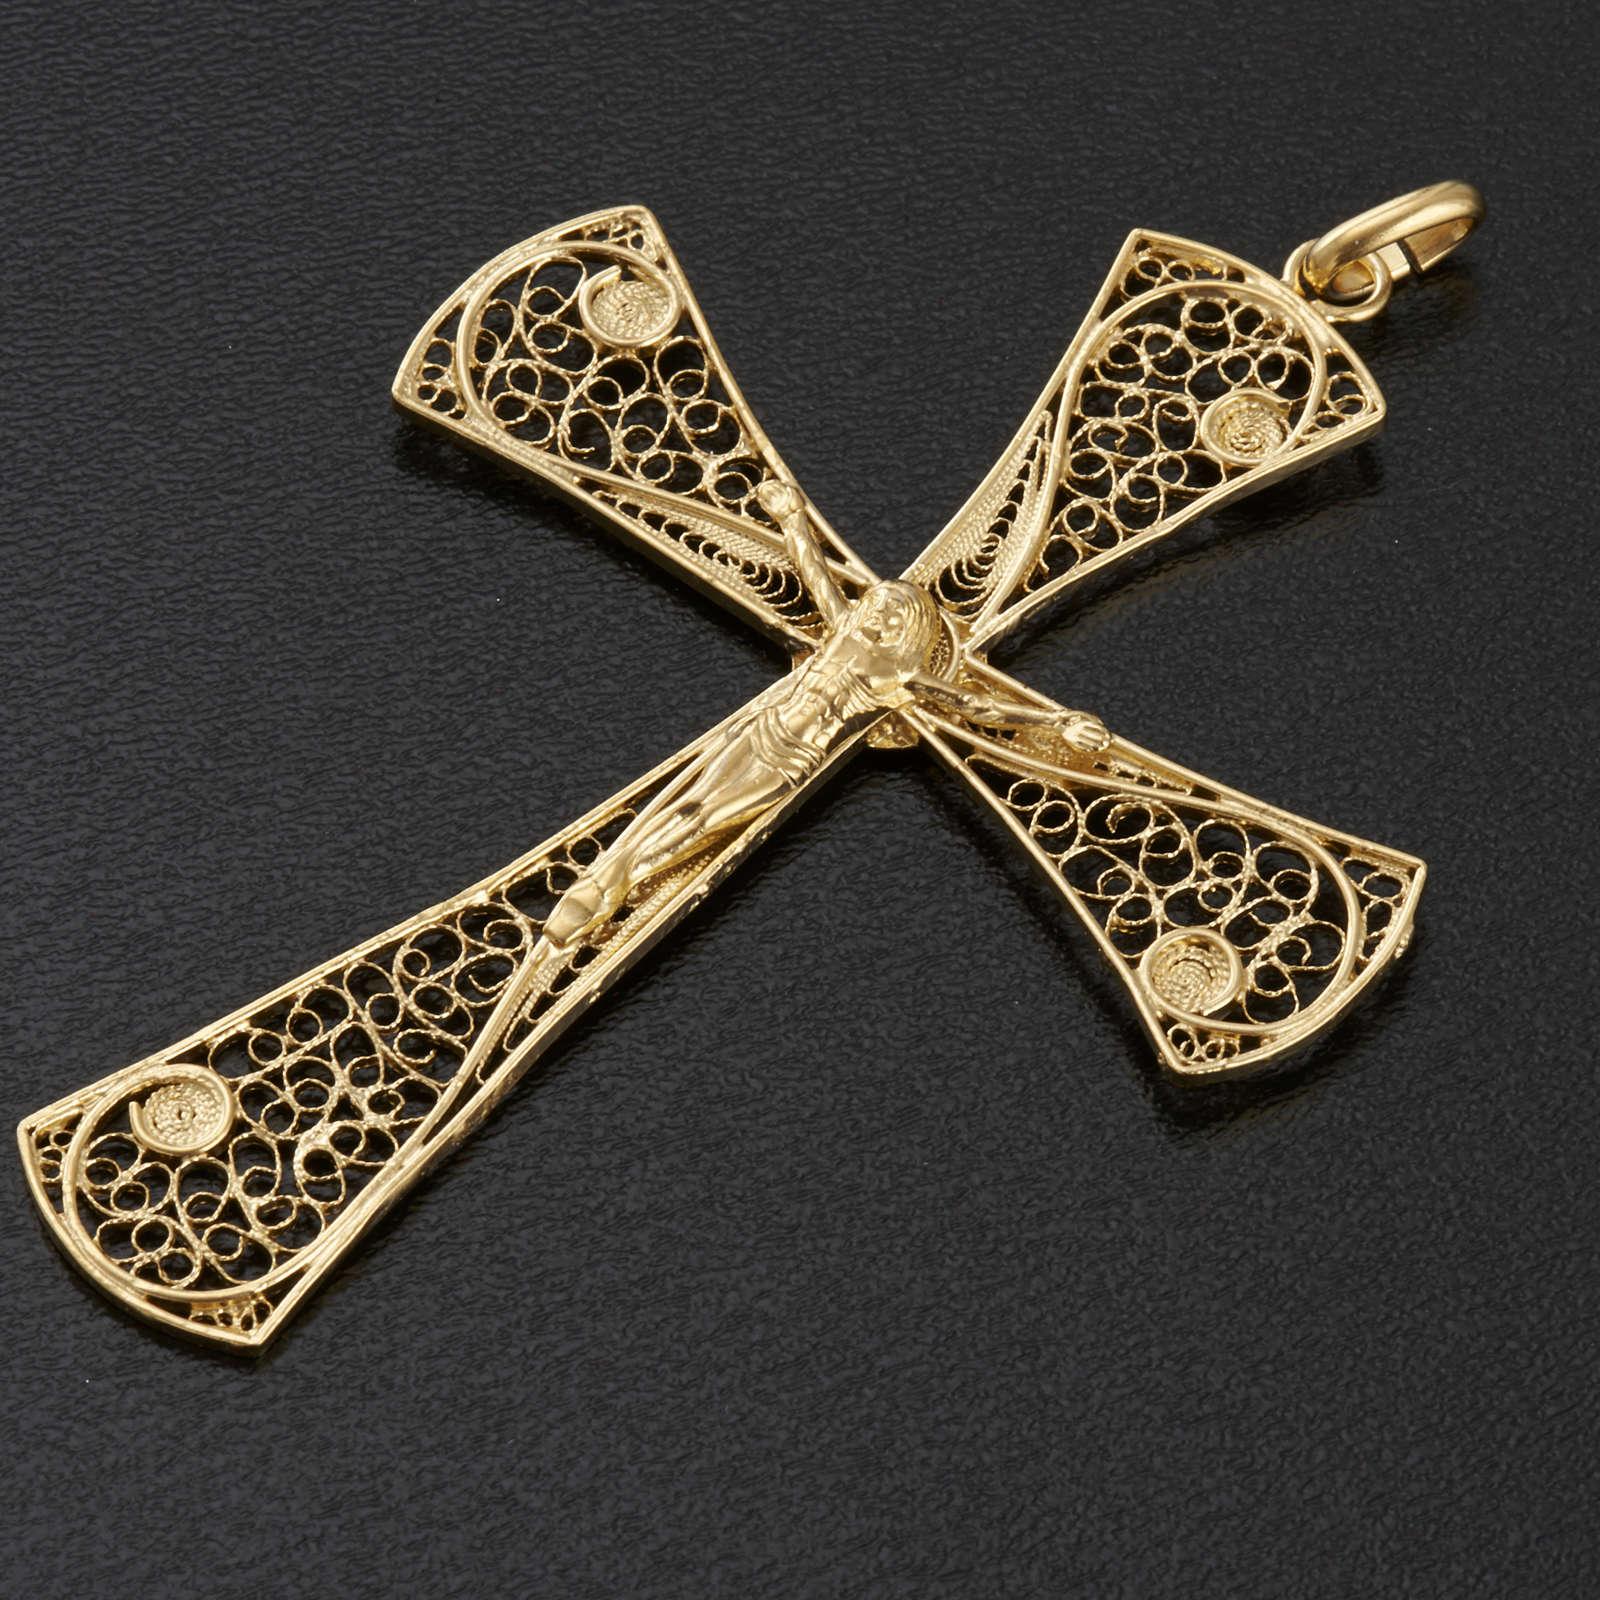 Croce pendente filigrana argento 800 bagno oro - gr. 5,47 4